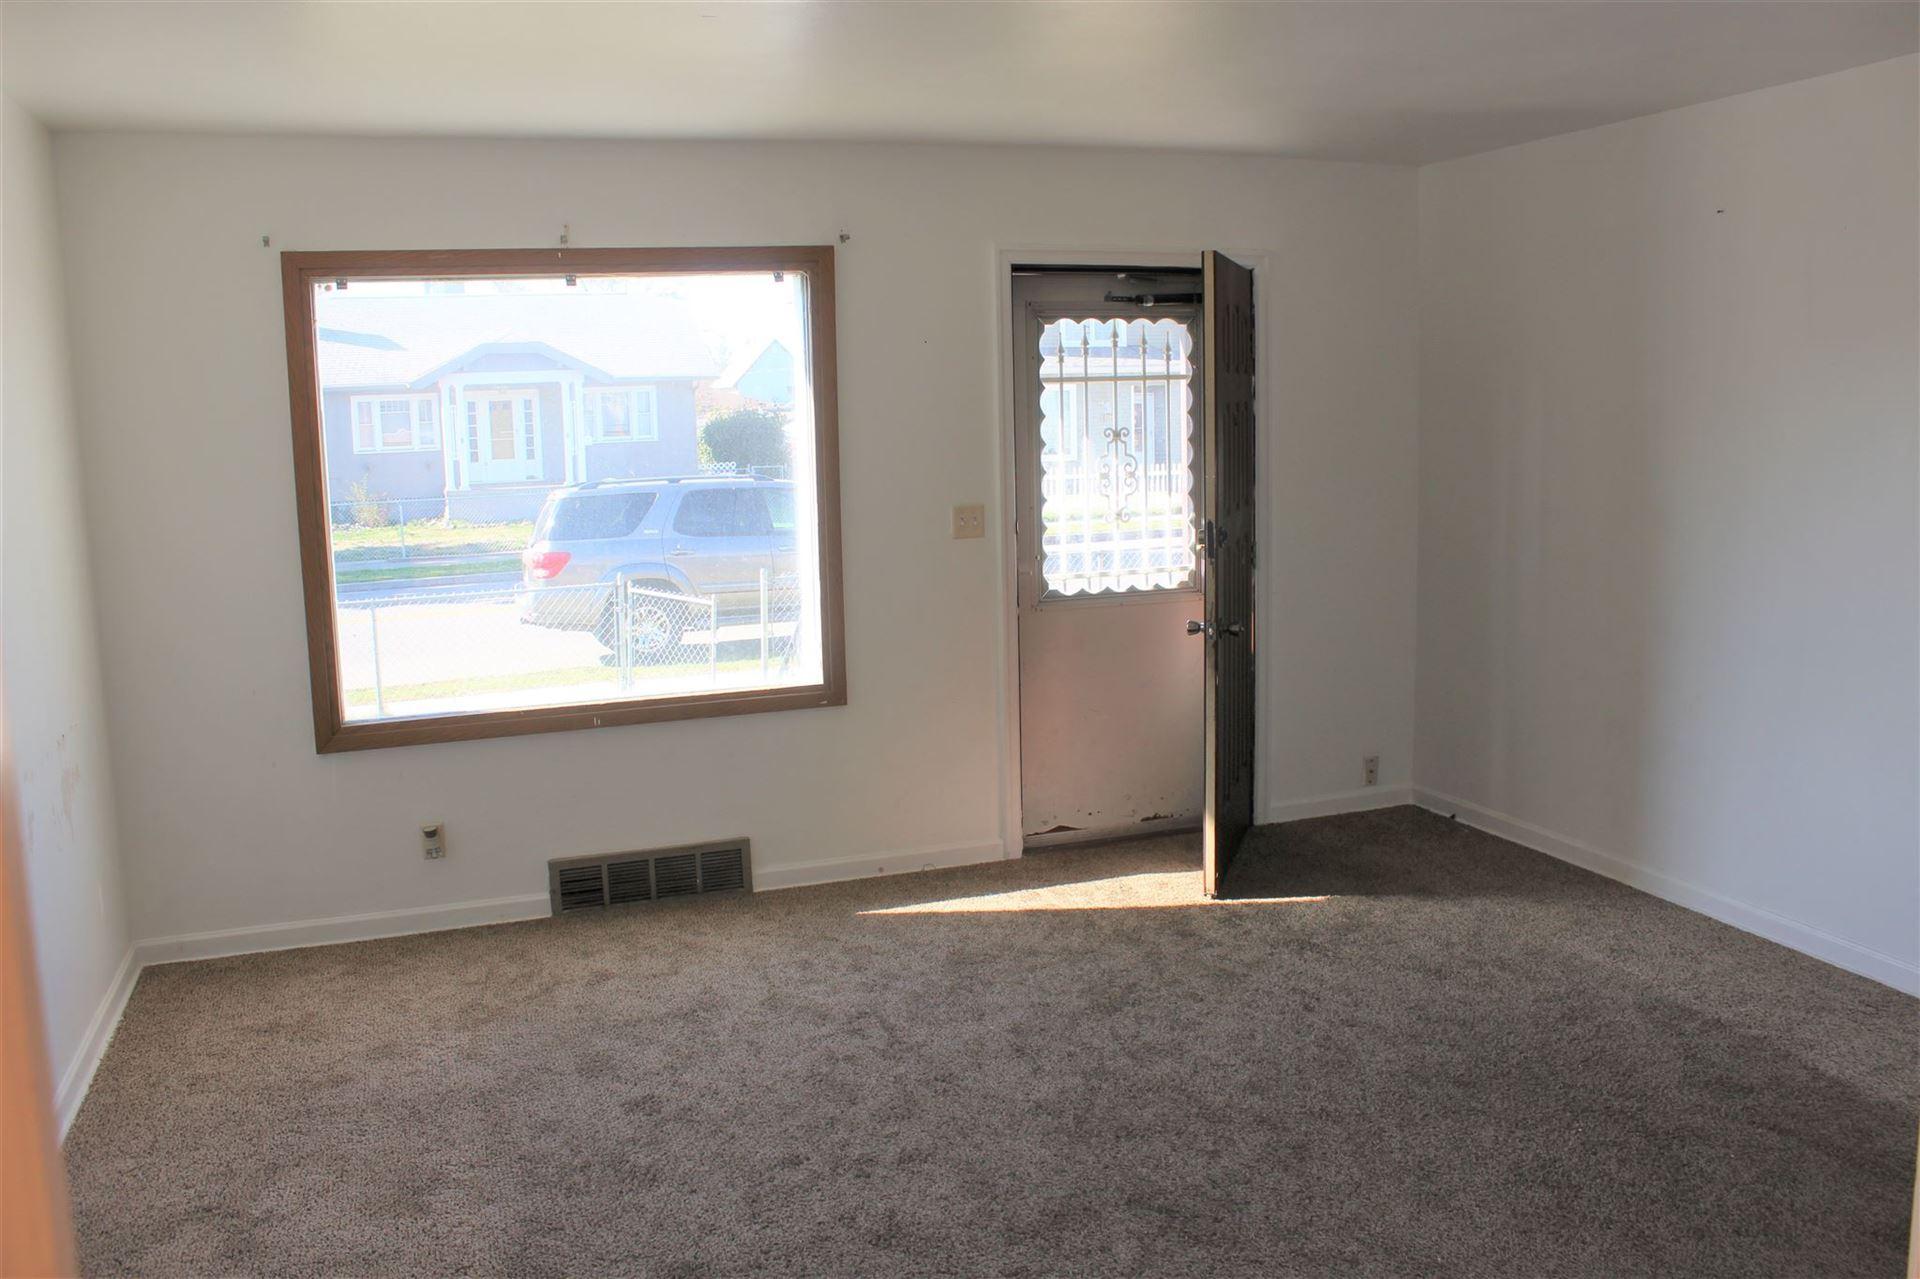 Photo of 1809 E Bridgeport Ave, Spokane, WA 99207 (MLS # 202114119)